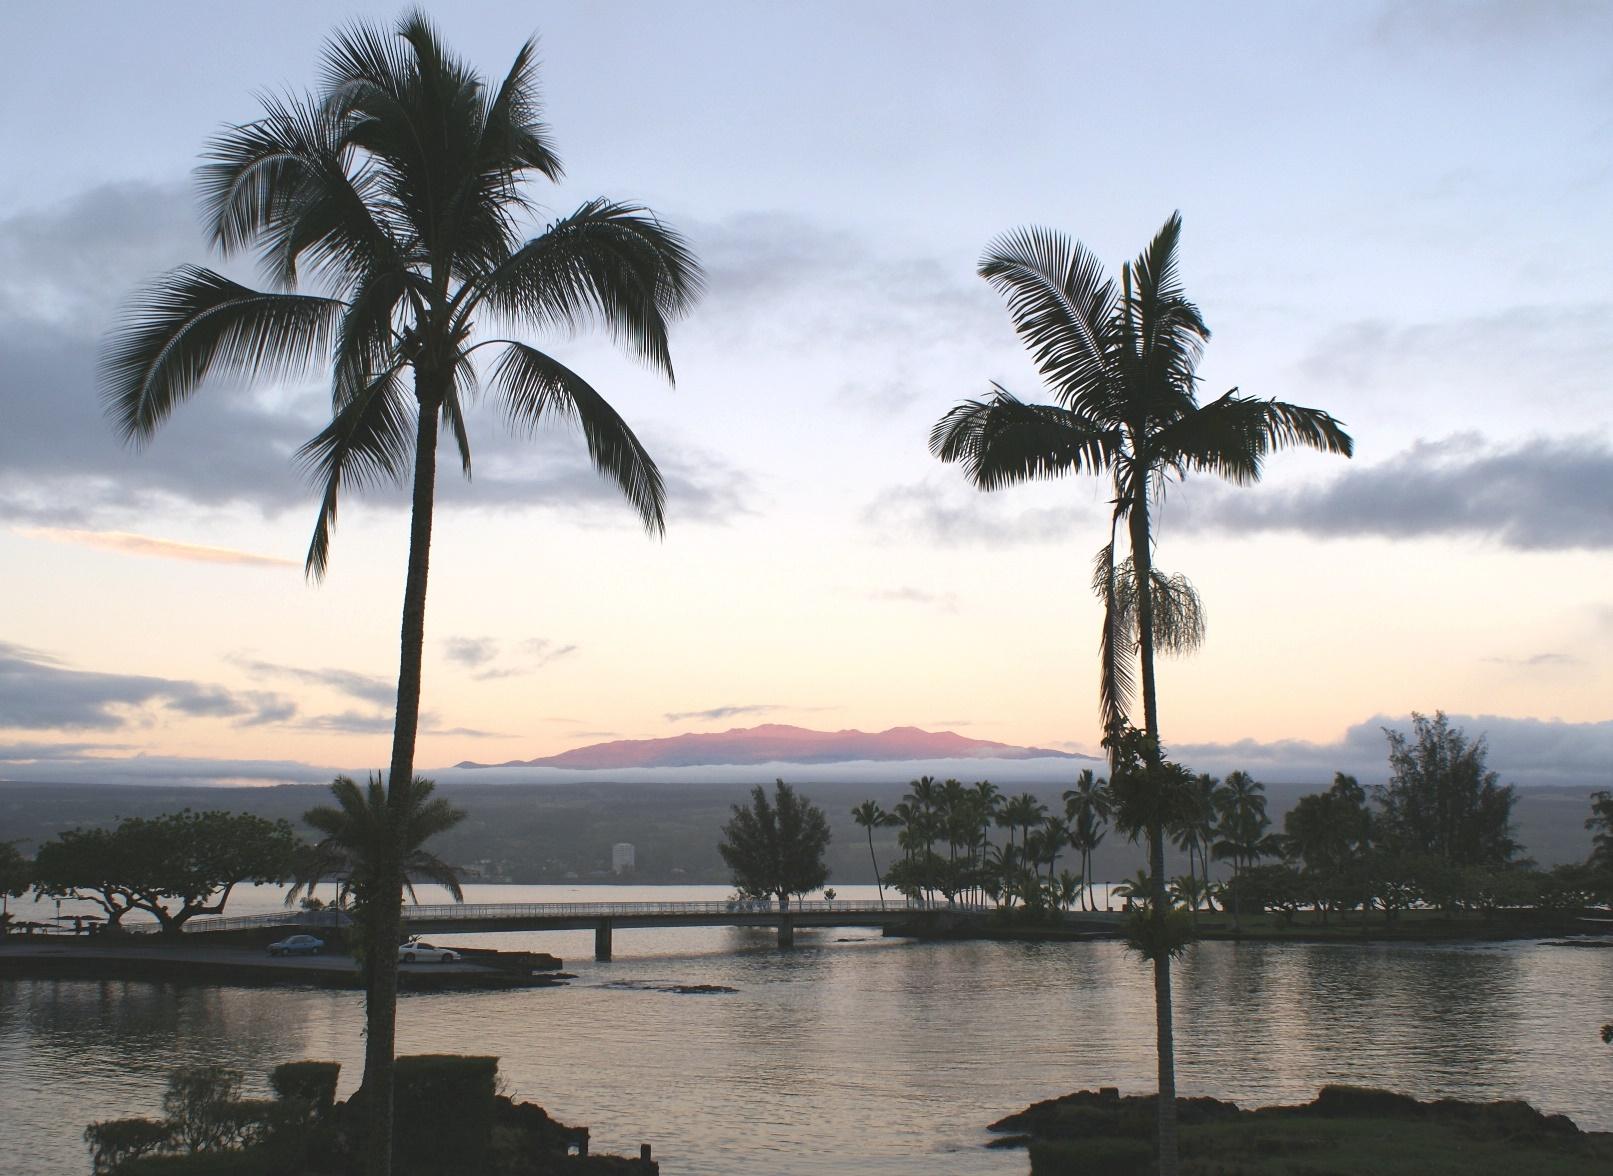 ハワイ島、ヒロより望む夕映えのハワイ最高峰マウナケア